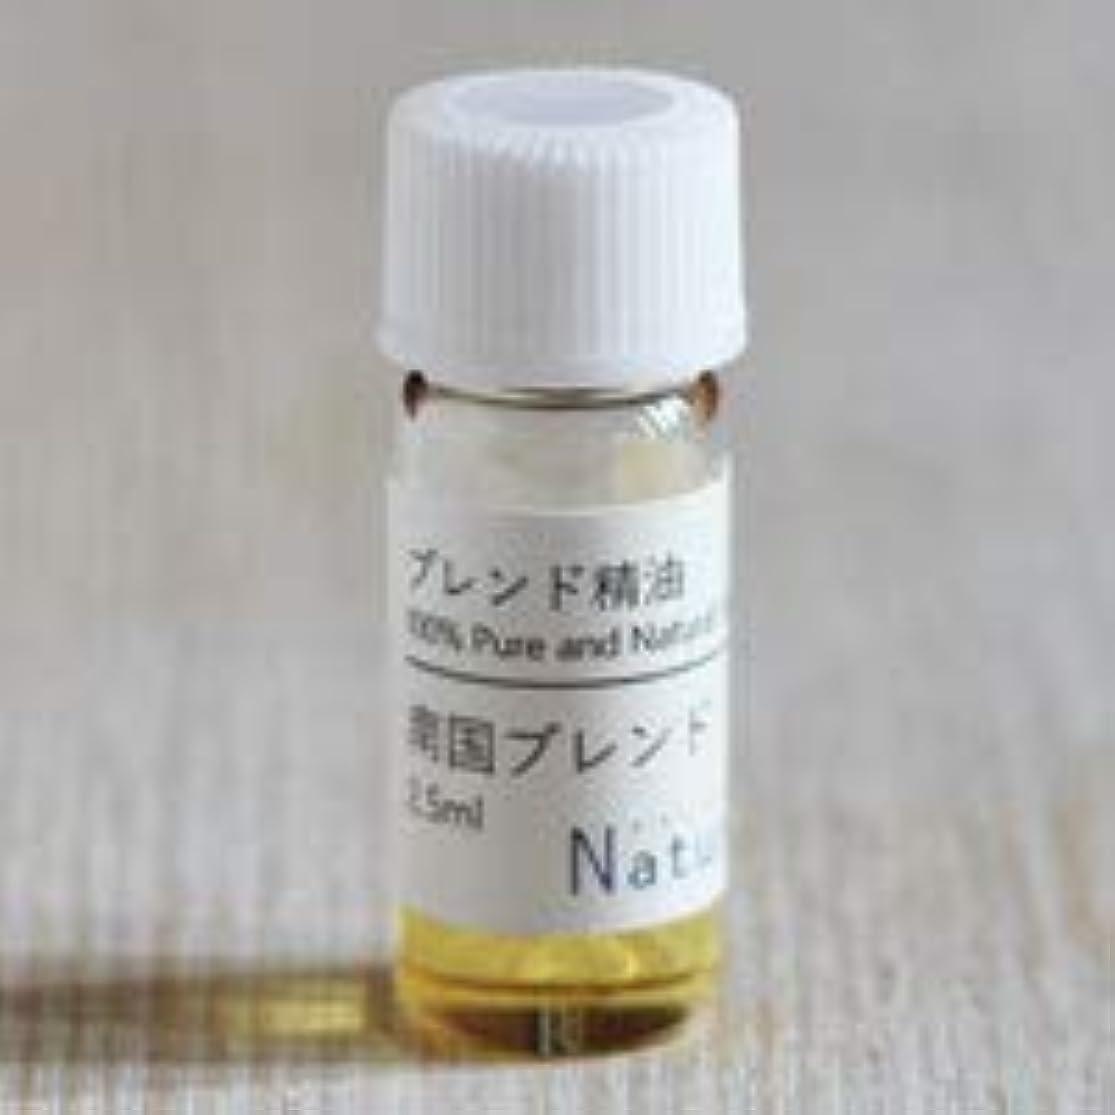 染色早い最適ブレンド精油/南国ブレンド/手作り石けん用 2.5ml/100%天然